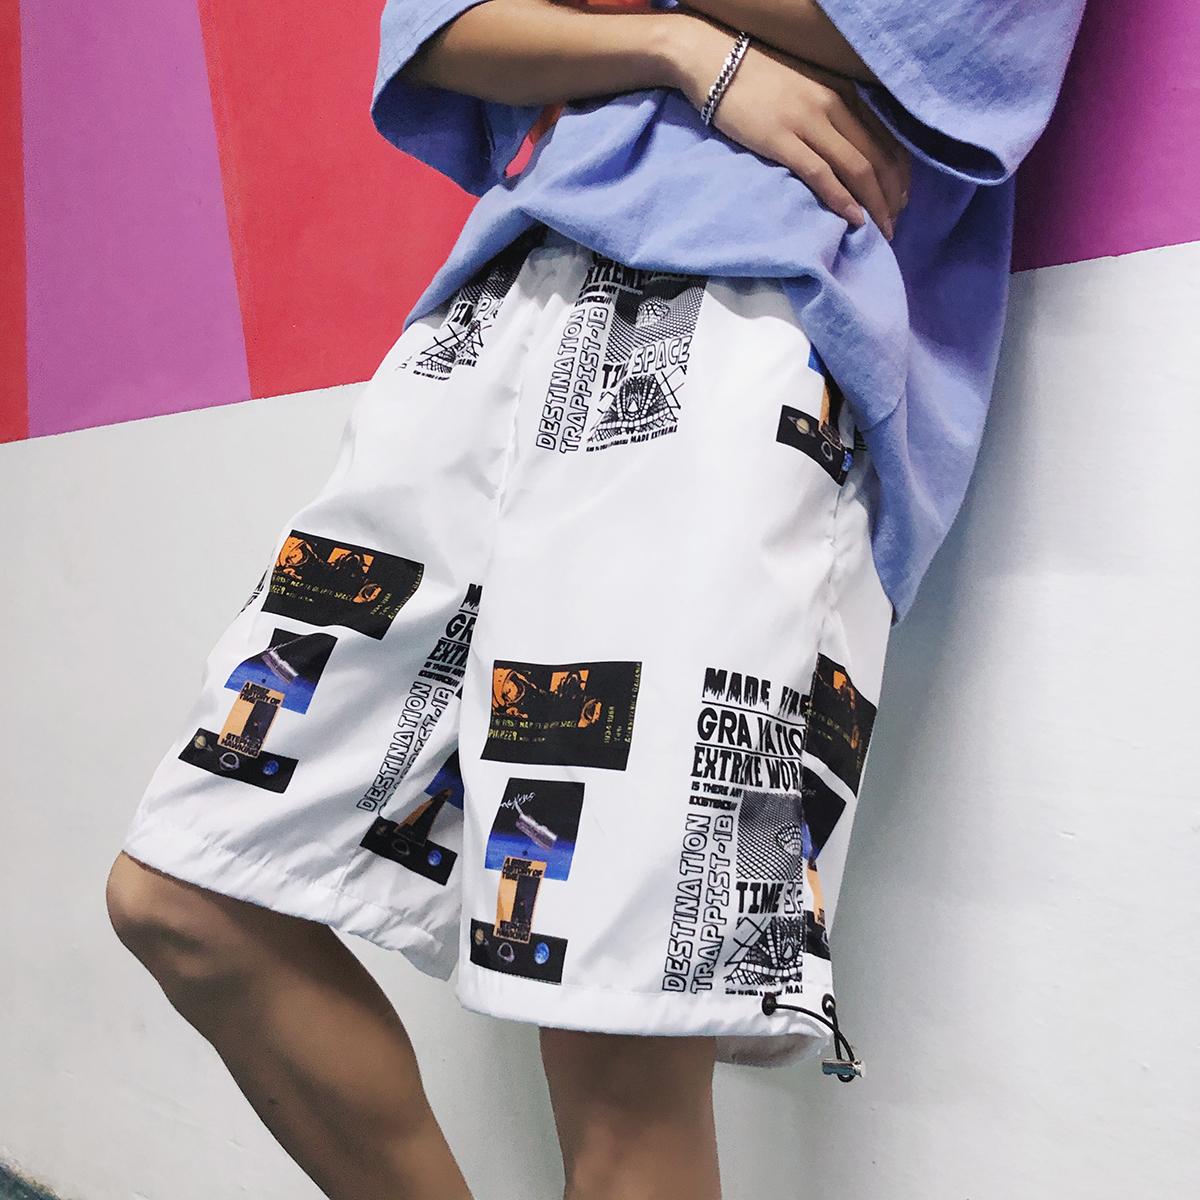 夏季短裤男士五分裤裤子沙滩裤嘻哈裤宽松工装休闲裤韩版潮流运动